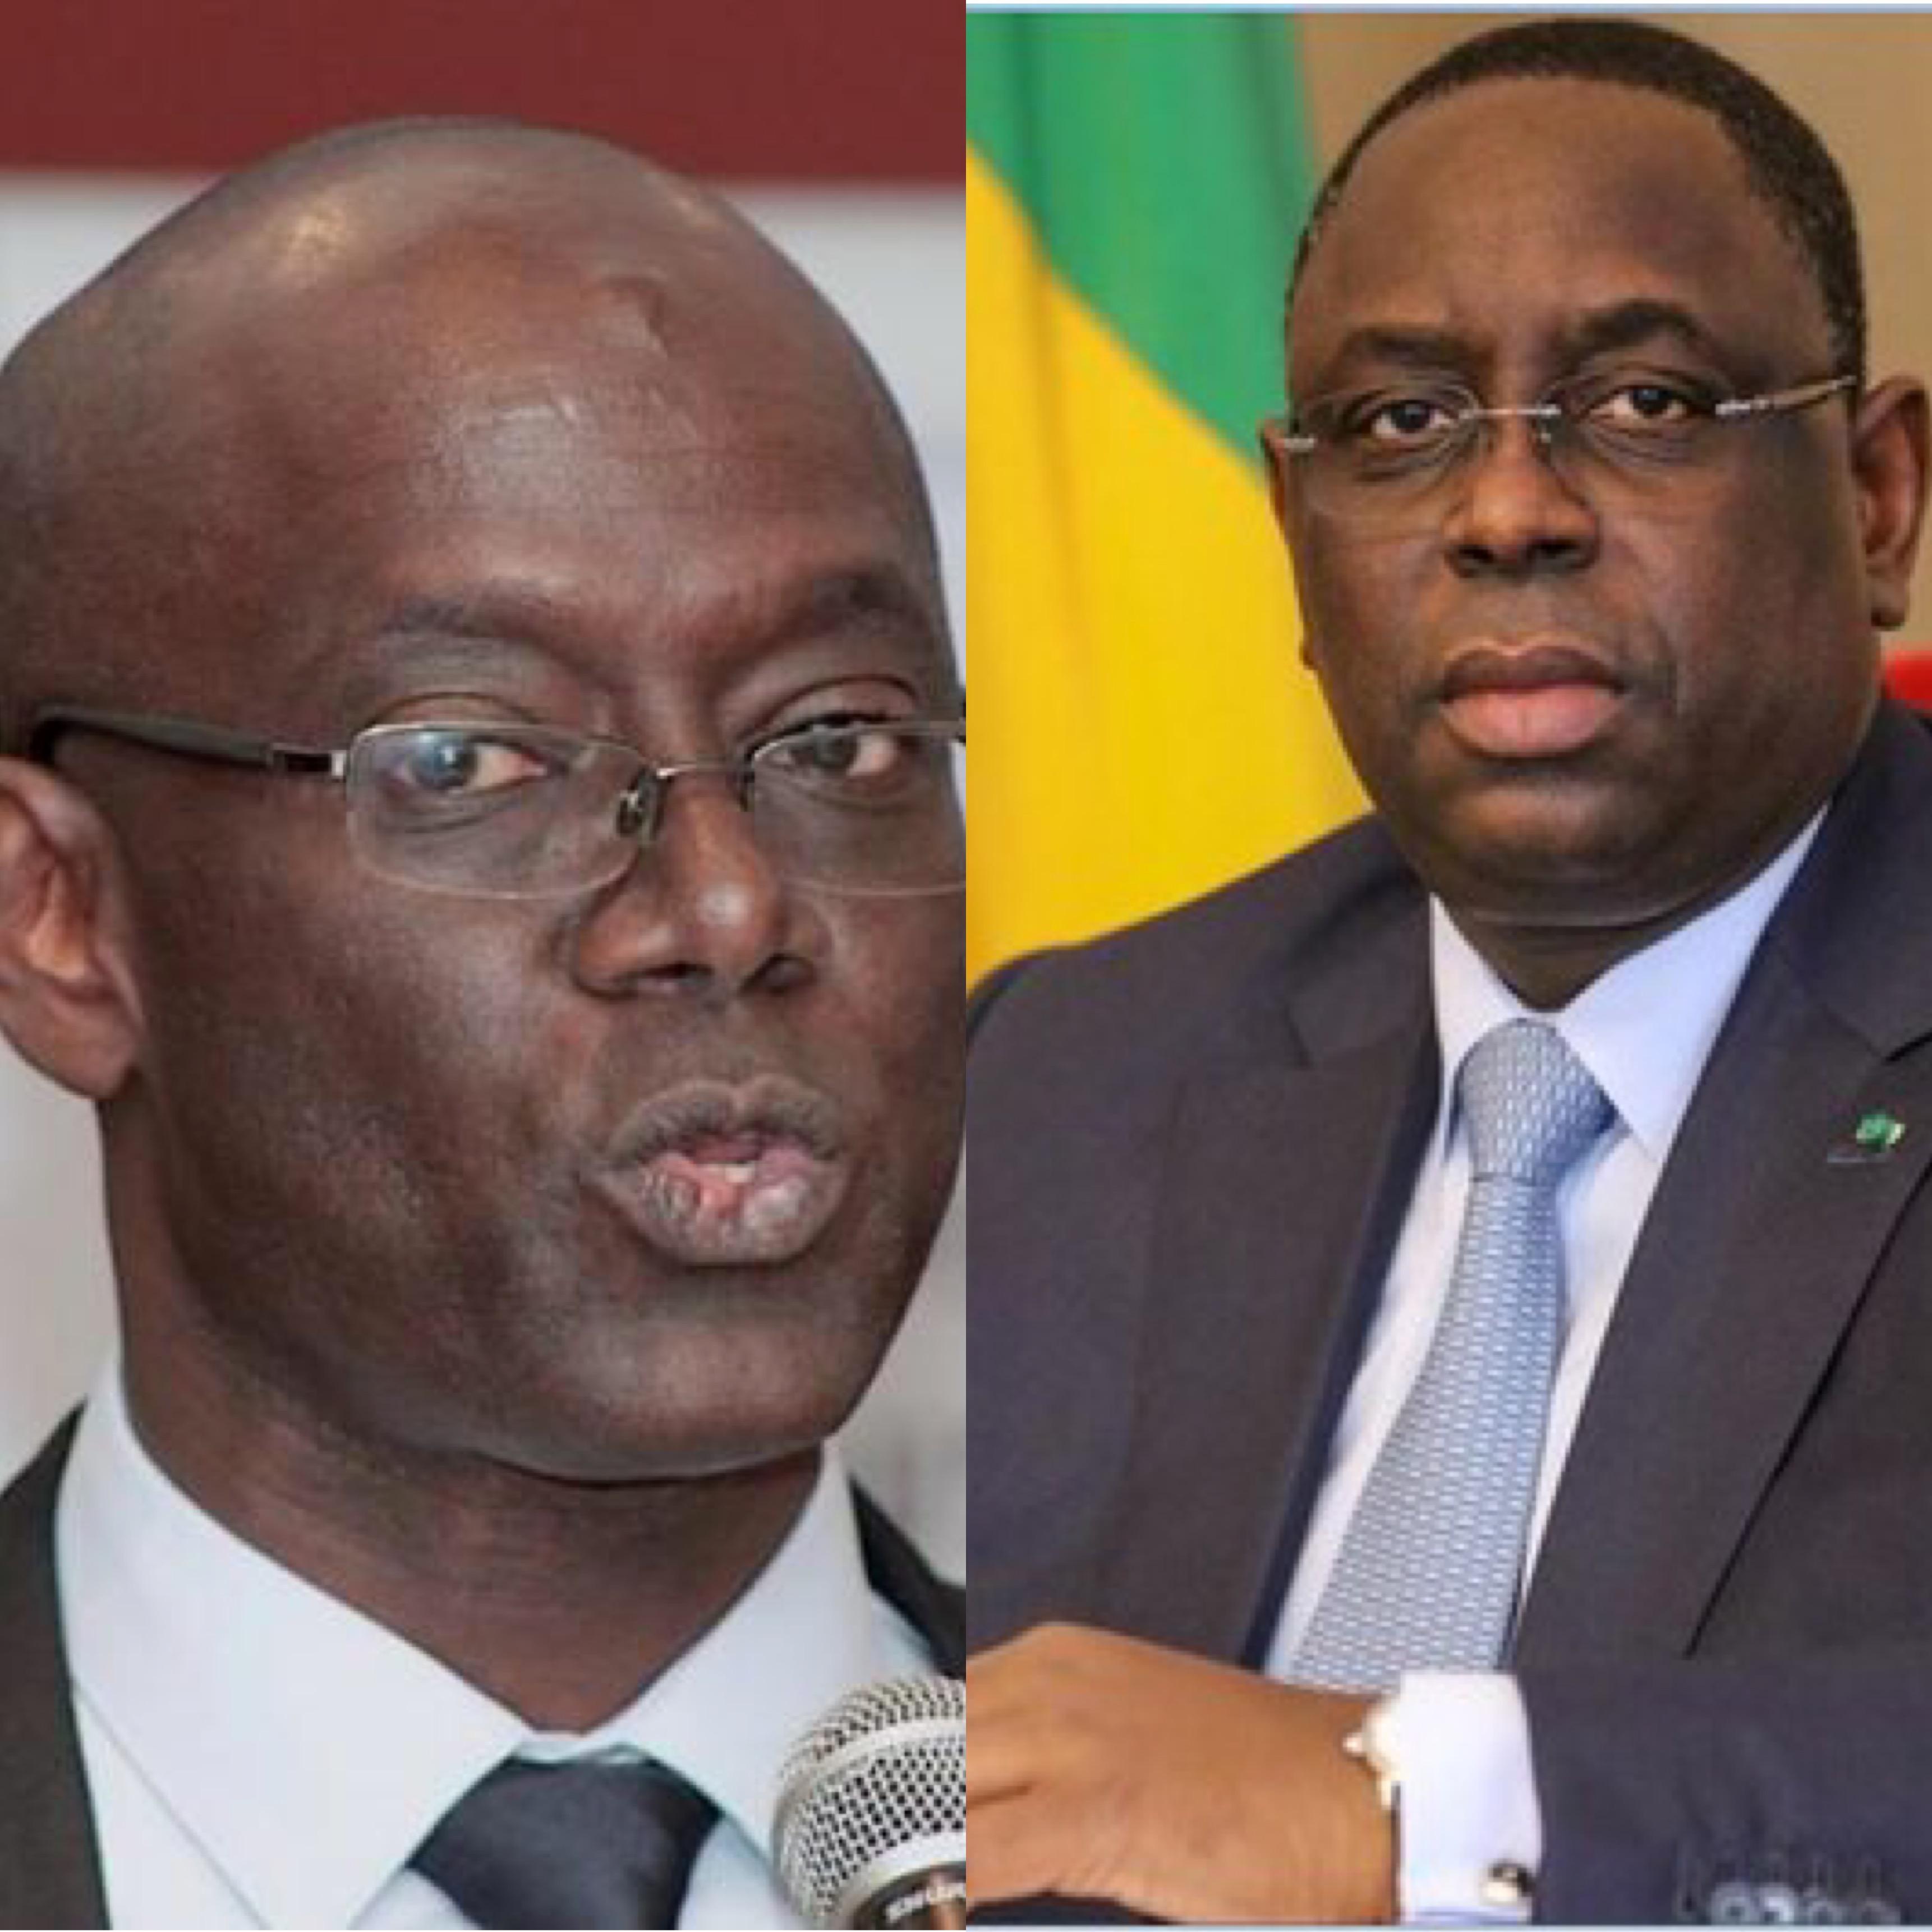 Transparence, Aéroport de Diass, Chômage, Insécurité...: Thierno Alassane Sall peint en noir la gouvernance de Macky Sall